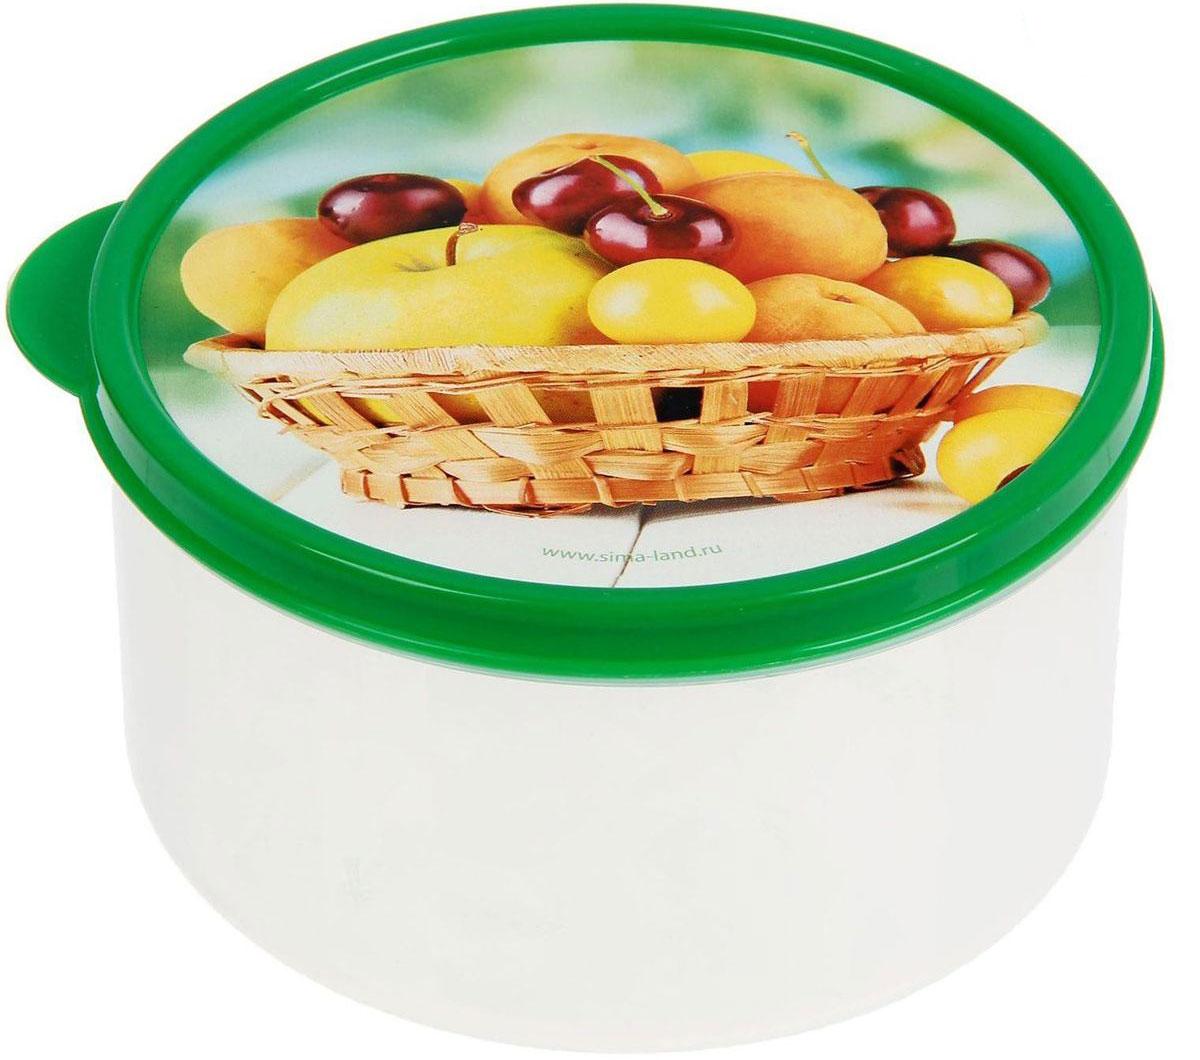 Ланч-бокс Доляна №12, круглый, 500 млVT-1520(SR)Если после вкусного обеда осталась еда, а насладиться трапезой хочется и на следующий день, ланч-бокс станет отличным решением данной проблемы!Такой контейнер является незаменимым предметом кухонной утвари, ведь у него много преимуществ:Простота ухода. Ланч-бокс достаточно промыть тёплой водой с небольшим количеством чистящего средства, и он снова готов к использованию.Вместительность. Большой выбор форм и объёма поможет разместить разнообразные продукты от сахара до супов.Эргономичность. Ланч-боксы очень легко хранить даже в самой маленькой кухне, так как их можно поставить один в другой по принципу матрёшки.Многофункциональность. Разнообразие цветов и форм делает возможным использование контейнеров не только на кухне, но и в других областях домашнего быта.Любители приготовления обеда на всю семью в большинстве случаев приобретают ланч-боксы наборами, так как это позволяет рассортировать продукты по всевозможным признакам. К тому же контейнеры среднего размера станут незаменимыми помощниками на работе: ведь что может быть приятнее, чем порадовать себя во время обеда прекрасной едой, заботливо сохранённой в контейнере?В качестве материала для изготовления используется пластик, что делает процесс ухода за контейнером ещё более эффективным. К каждому ланч-боксу в комплекте также прилагается крышка подходящего размера, это позволяет плотно и надёжно удерживать запах еды и упрощает процесс транспортировки.Однако рекомендуется соблюдать и меры предосторожности: не использовать пластиковые контейнеры в духовых шкафах и на открытом огне, а также не разогревать в микроволновых печах при закрытой крышке ланч-бокса. Соблюдение мер безопасности позволит продлить срок эксплуатации и сохранить отличный внешний вид изделия.Эргономичный дизайн и многофункциональность таких контейнеров — вот, что является причиной большой популярности данного предмета у каждой хозяйки. А в преддверии лета и дачного сезона такое приобретение позволит п